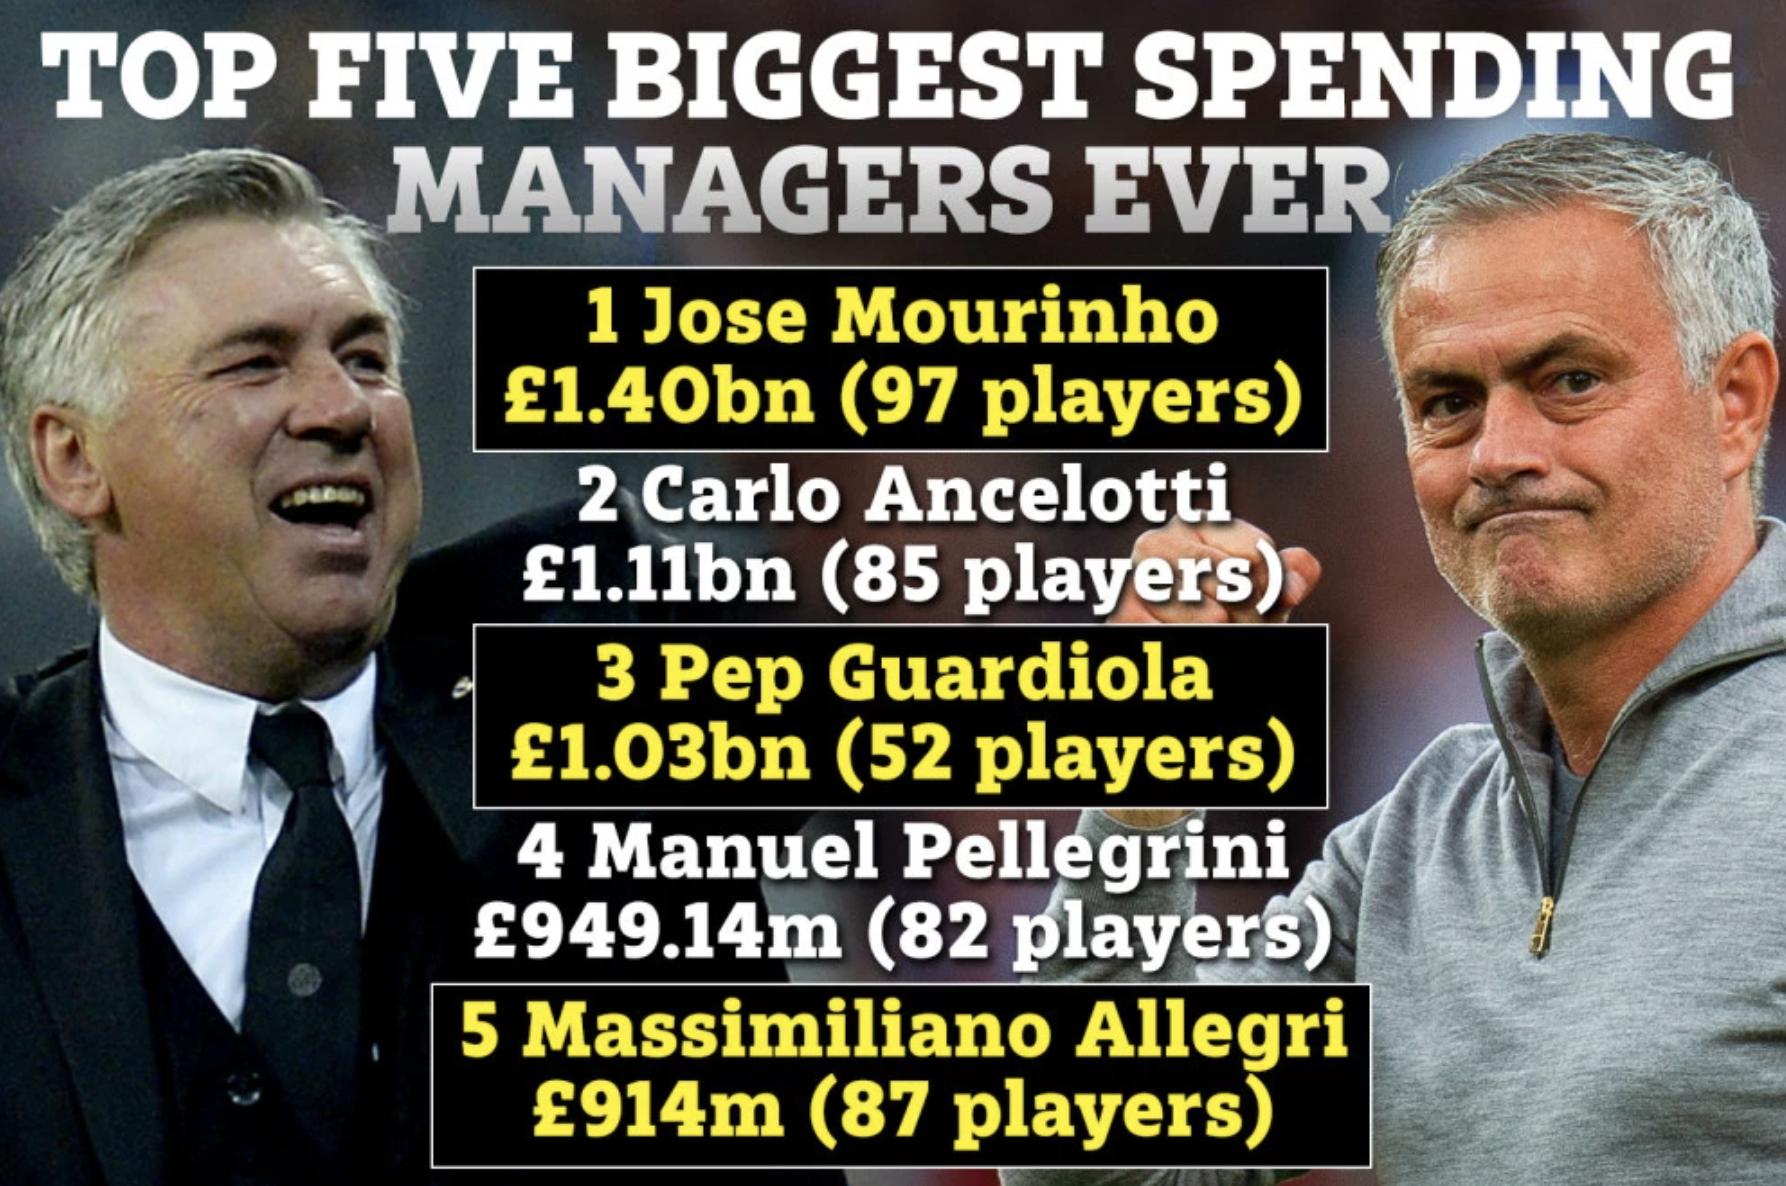 谁是花钱最多的主帅?穆帅14亿镑第一,安、瓜分列二三